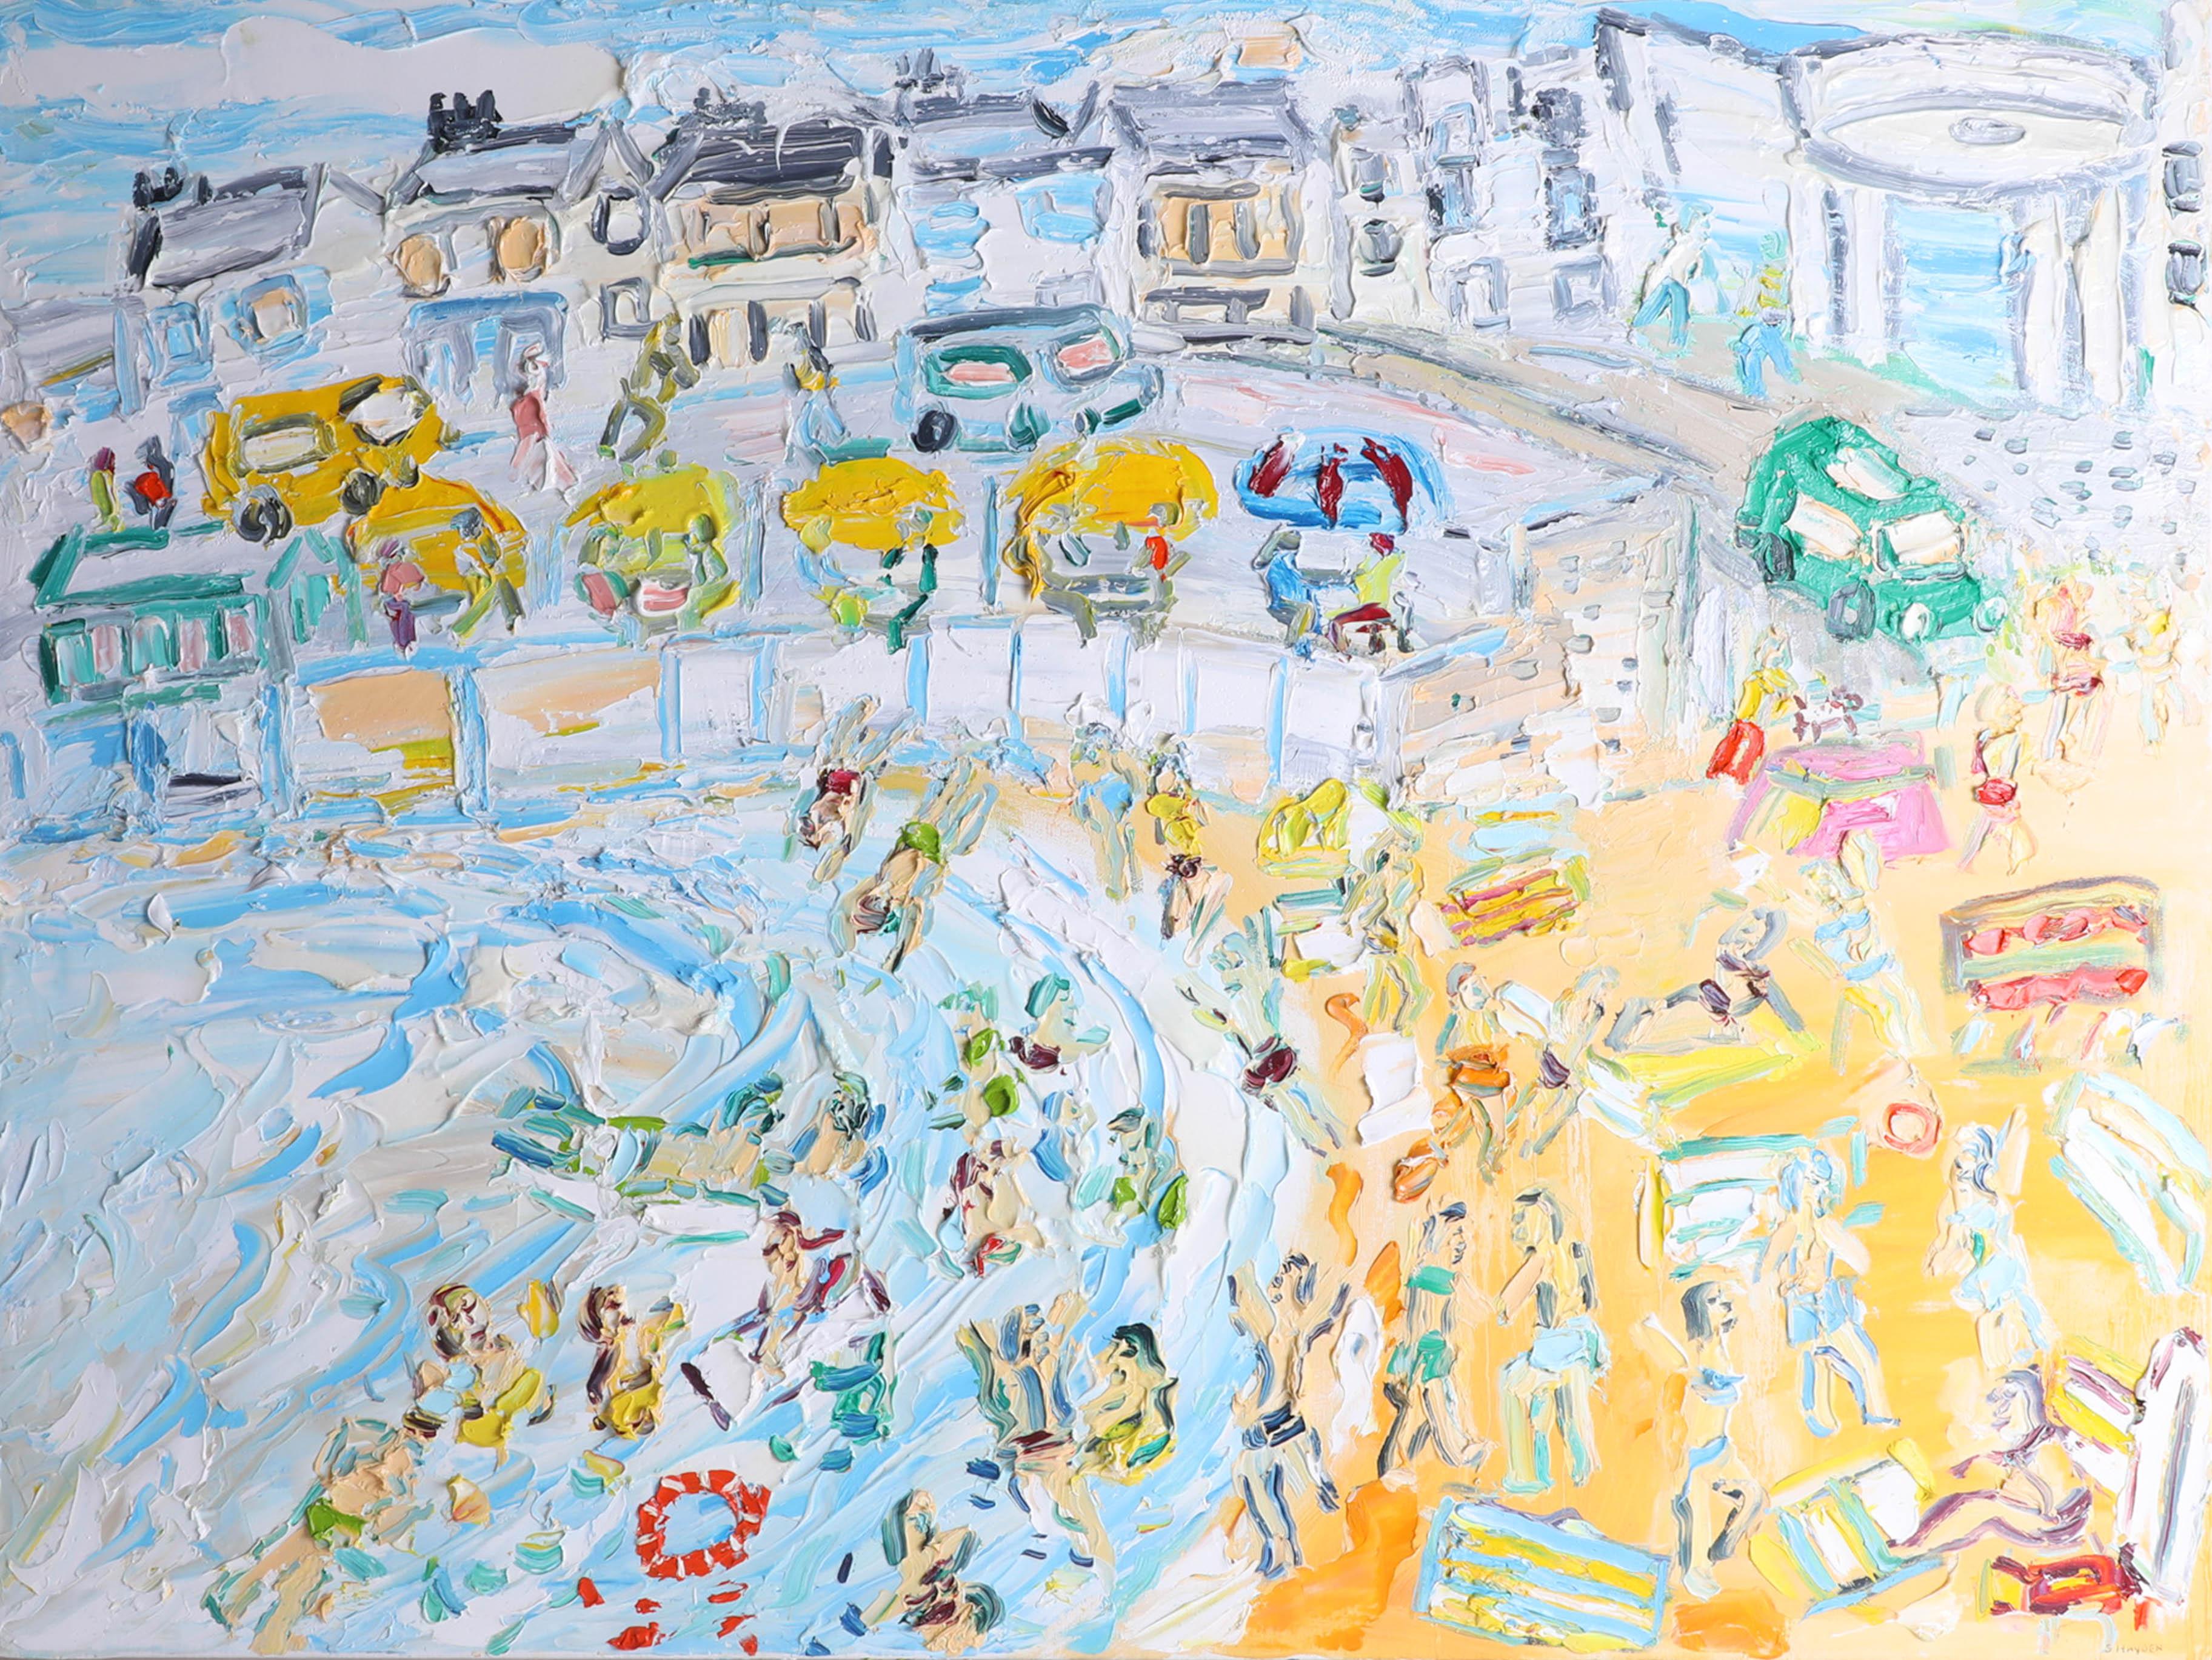 Lot 034 - Sean Hayden, oil on canvas 'Porthmeor Beach, St Ives' 2016, framed, 76cm x 101cm.